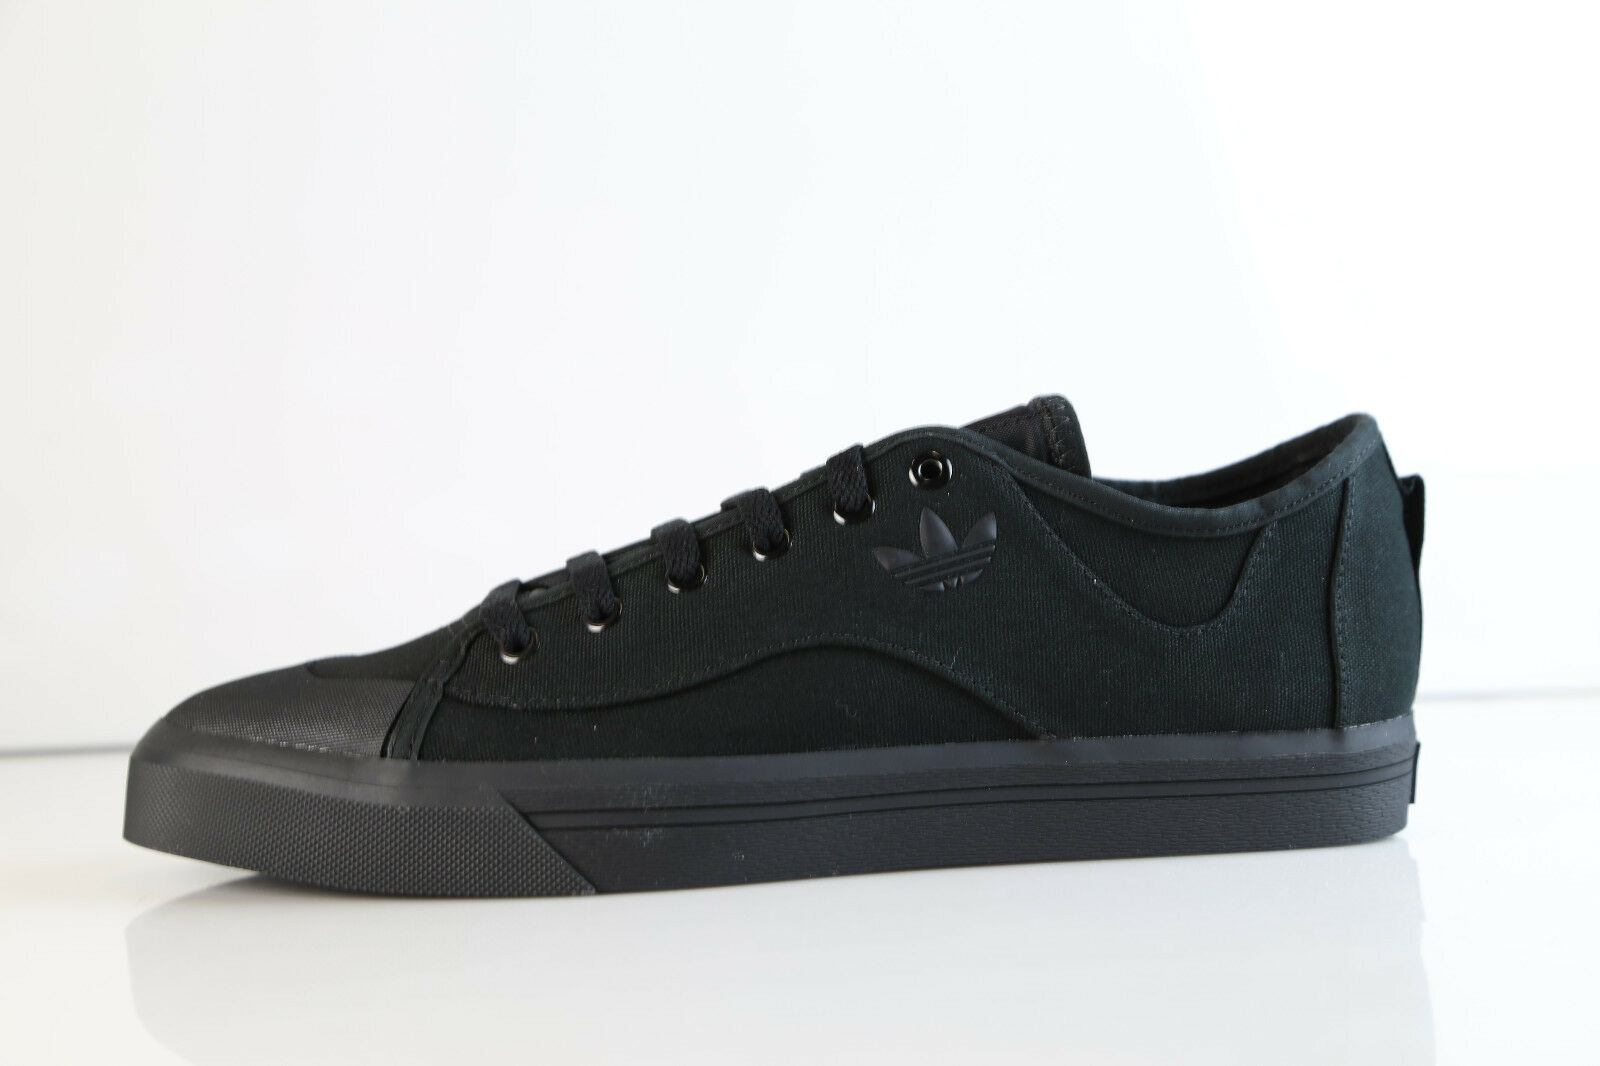 Adidas Raf Simons Spirit V Low Core Black BB6731 8-11.5 rs casual stan